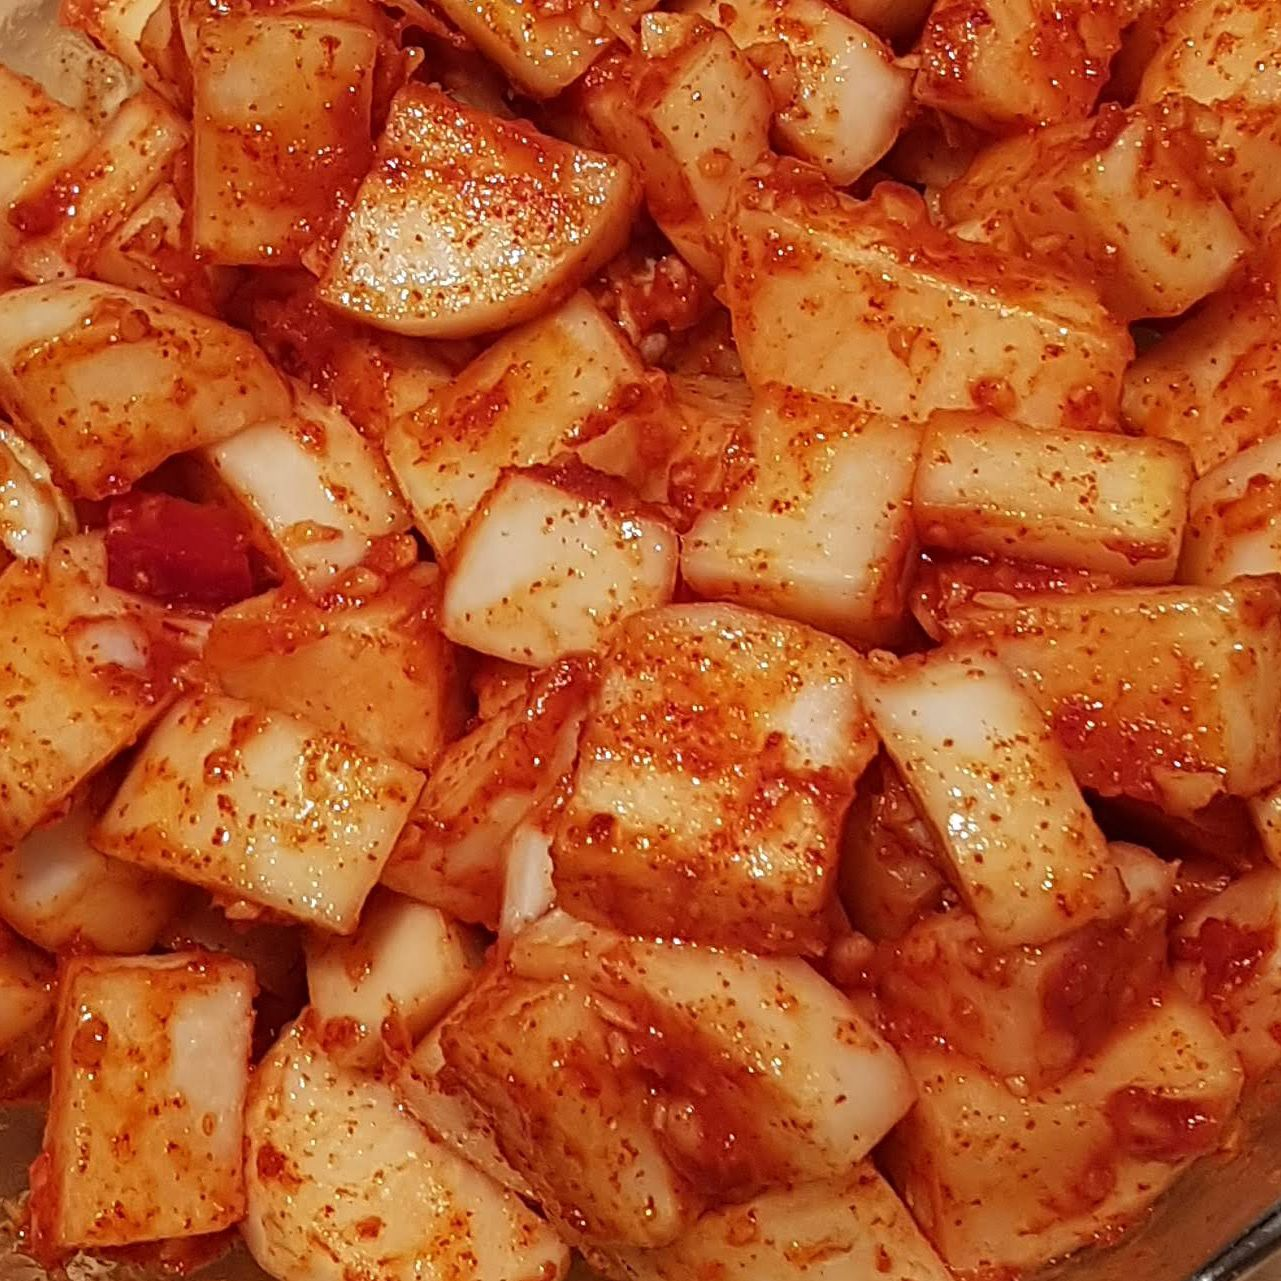 Kimchi, radis, cuisine, recette, Corée, fermentation, lacto-fermentation, légumes fermentés